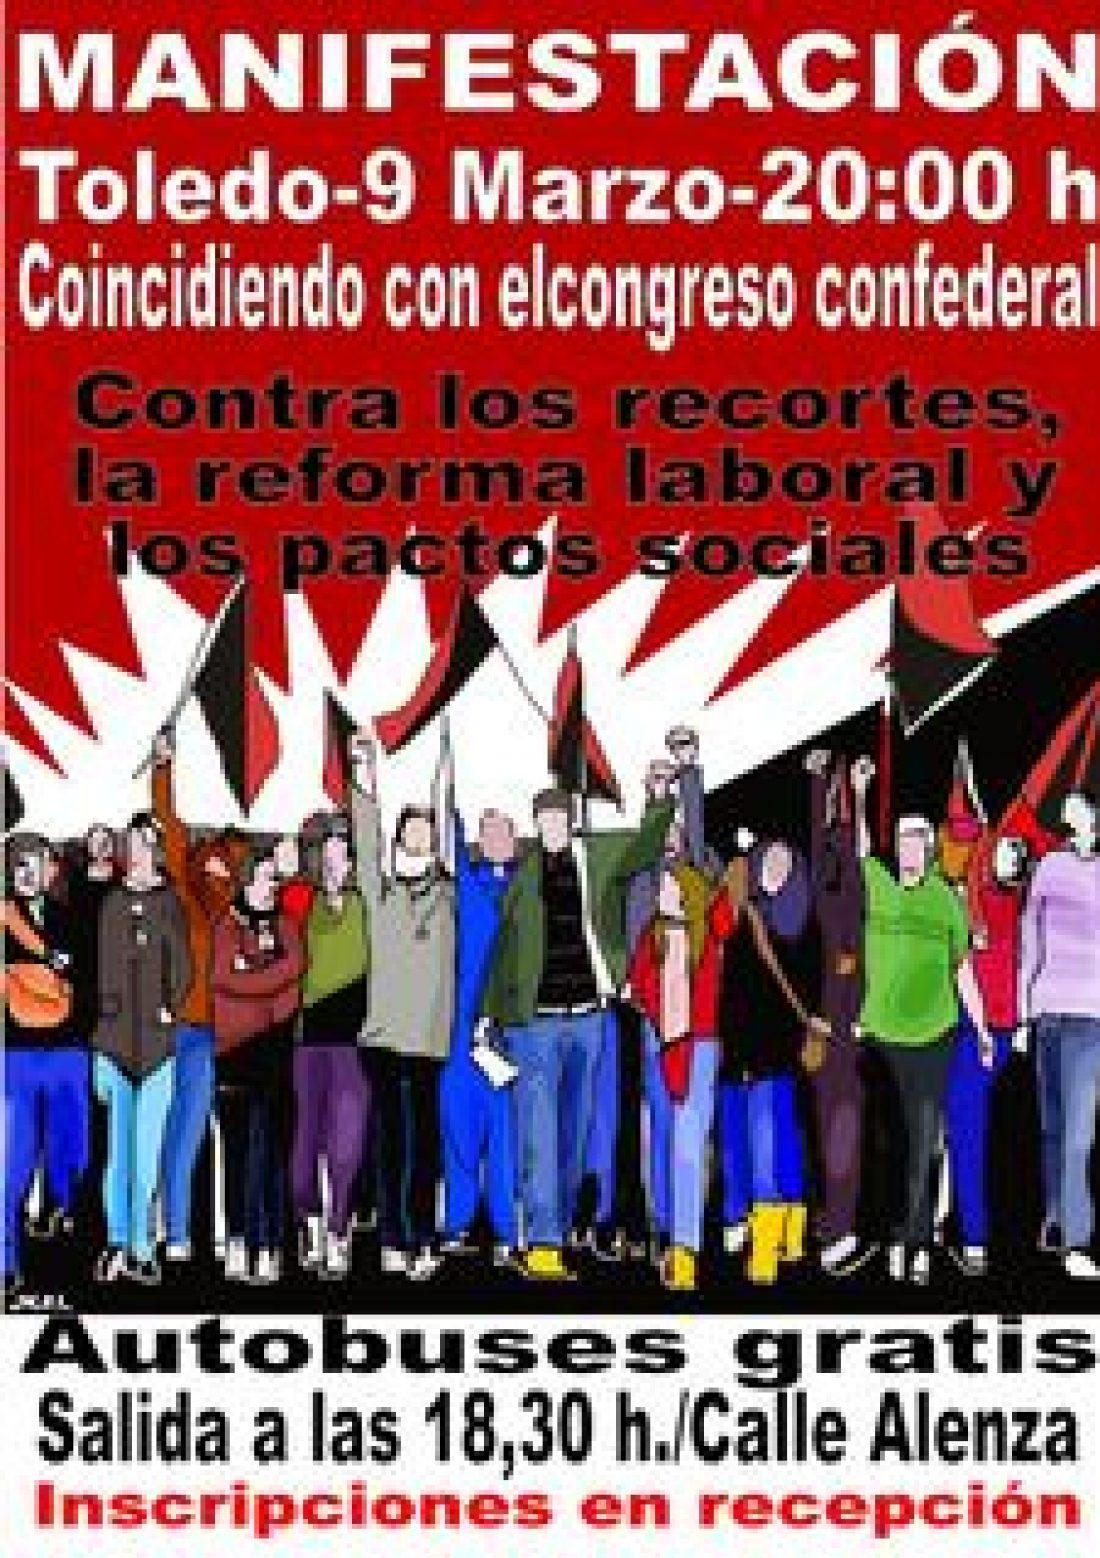 Toledo, 9 de Marzo : Manifestación de CGT contra los recortes, las reformas y los pactos sociales